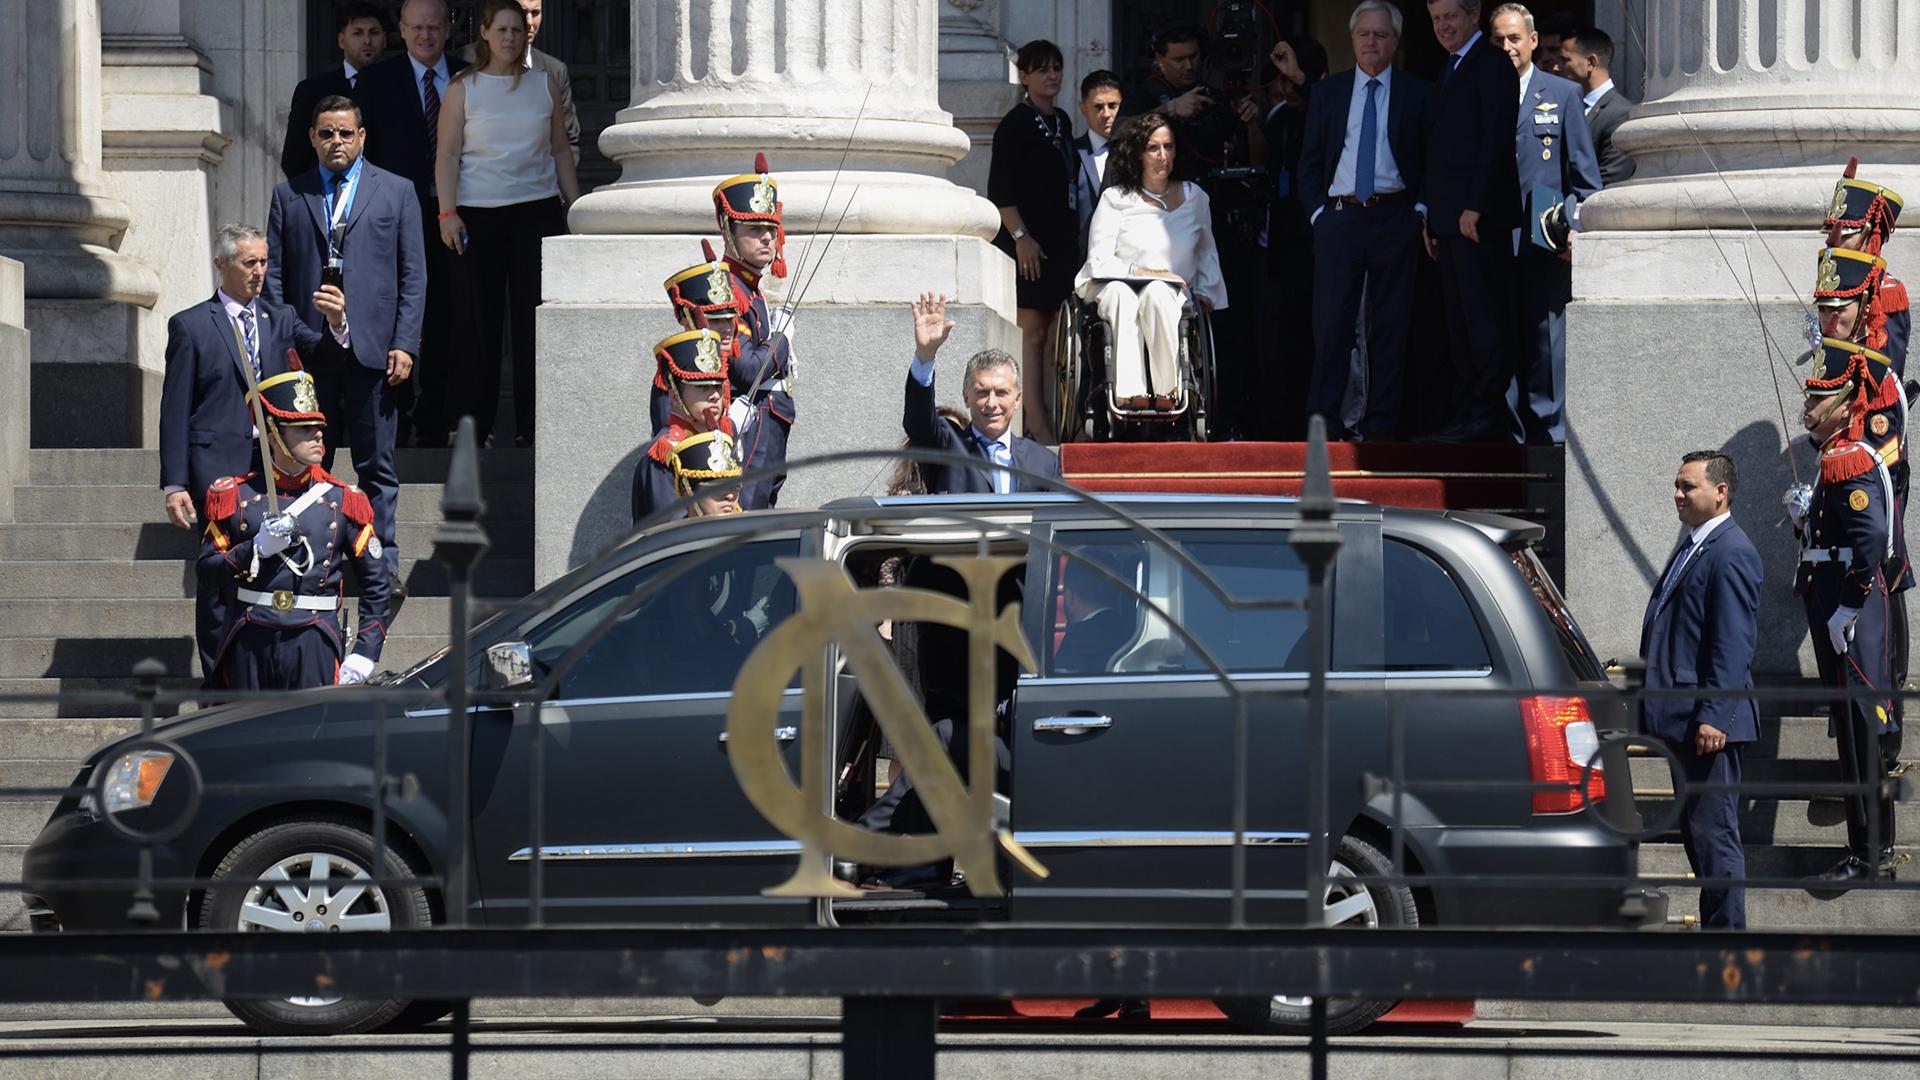 Macri llegó cerca de las 11 de la mañana al Congreso – Fotos: Adrián Escandar – Julieta Ferrario – Pablo Aharonian – Comunicacion Senado